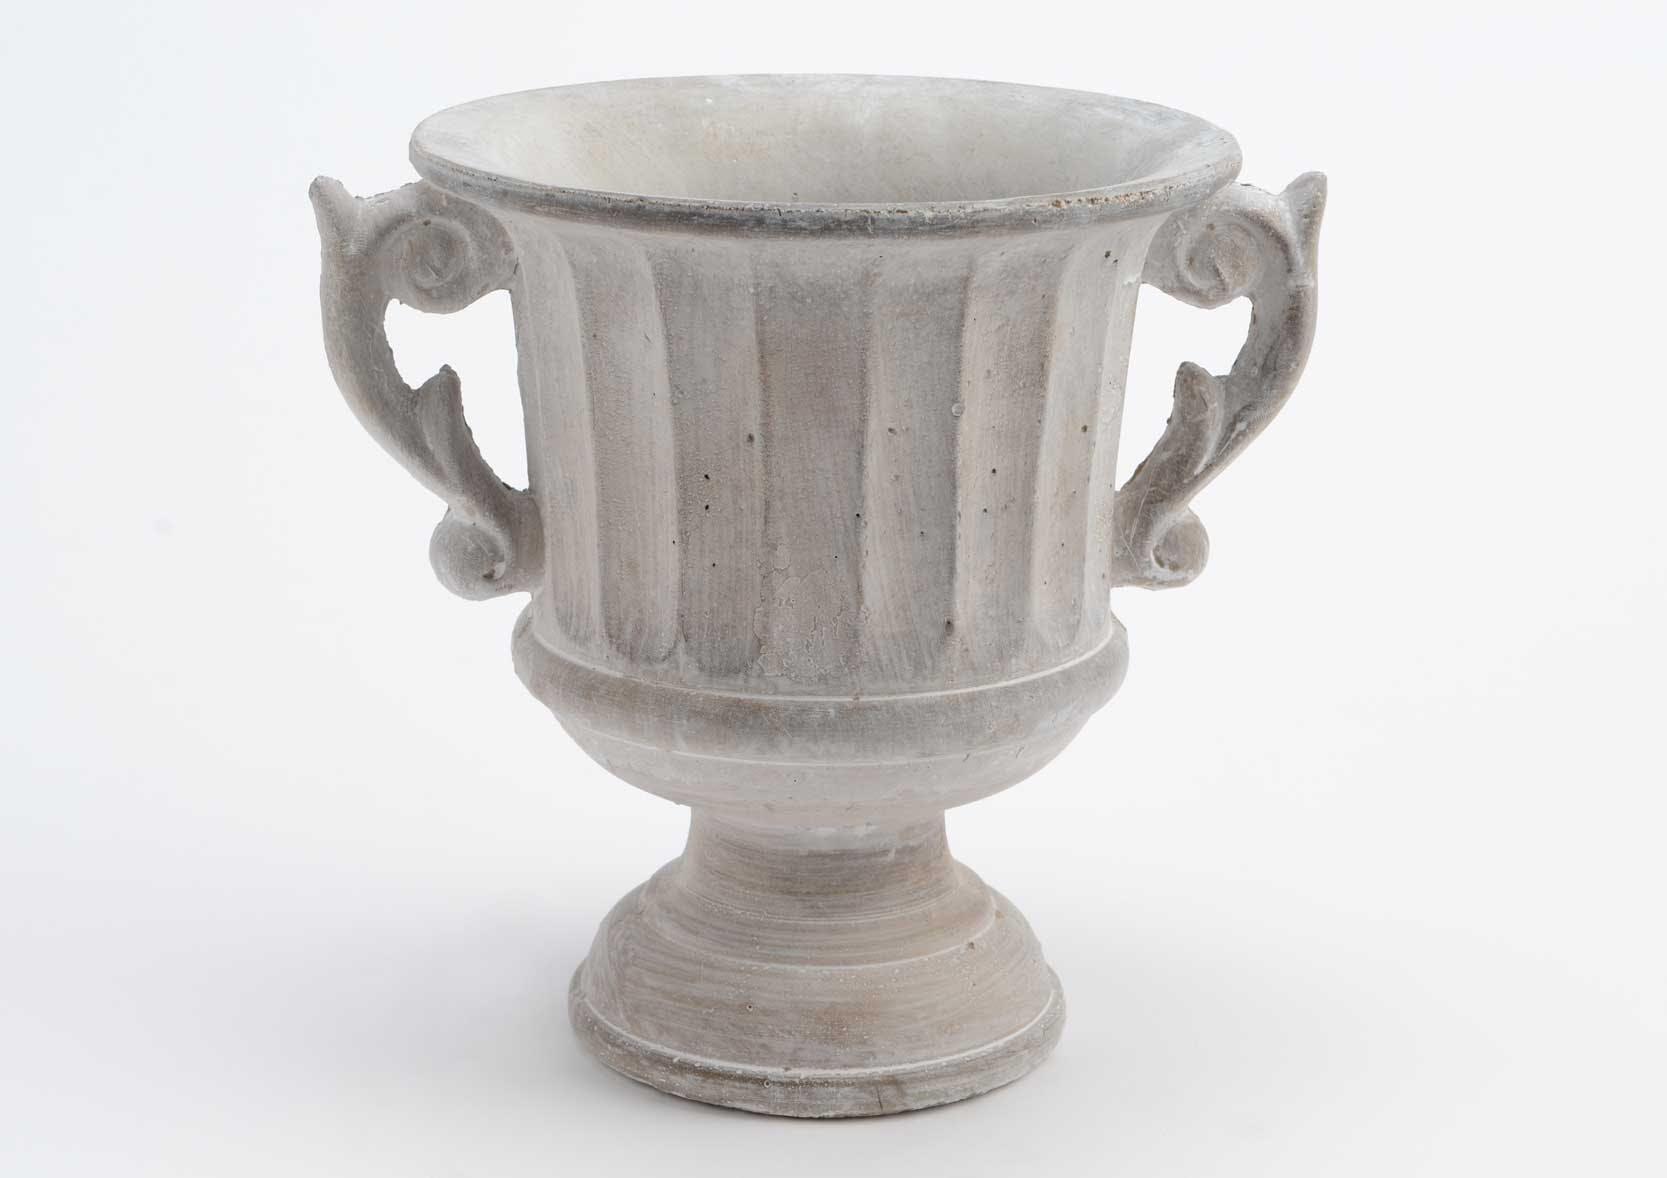 Cache pot pierre grise forme coupe antique avec poignées 20x22x19cm